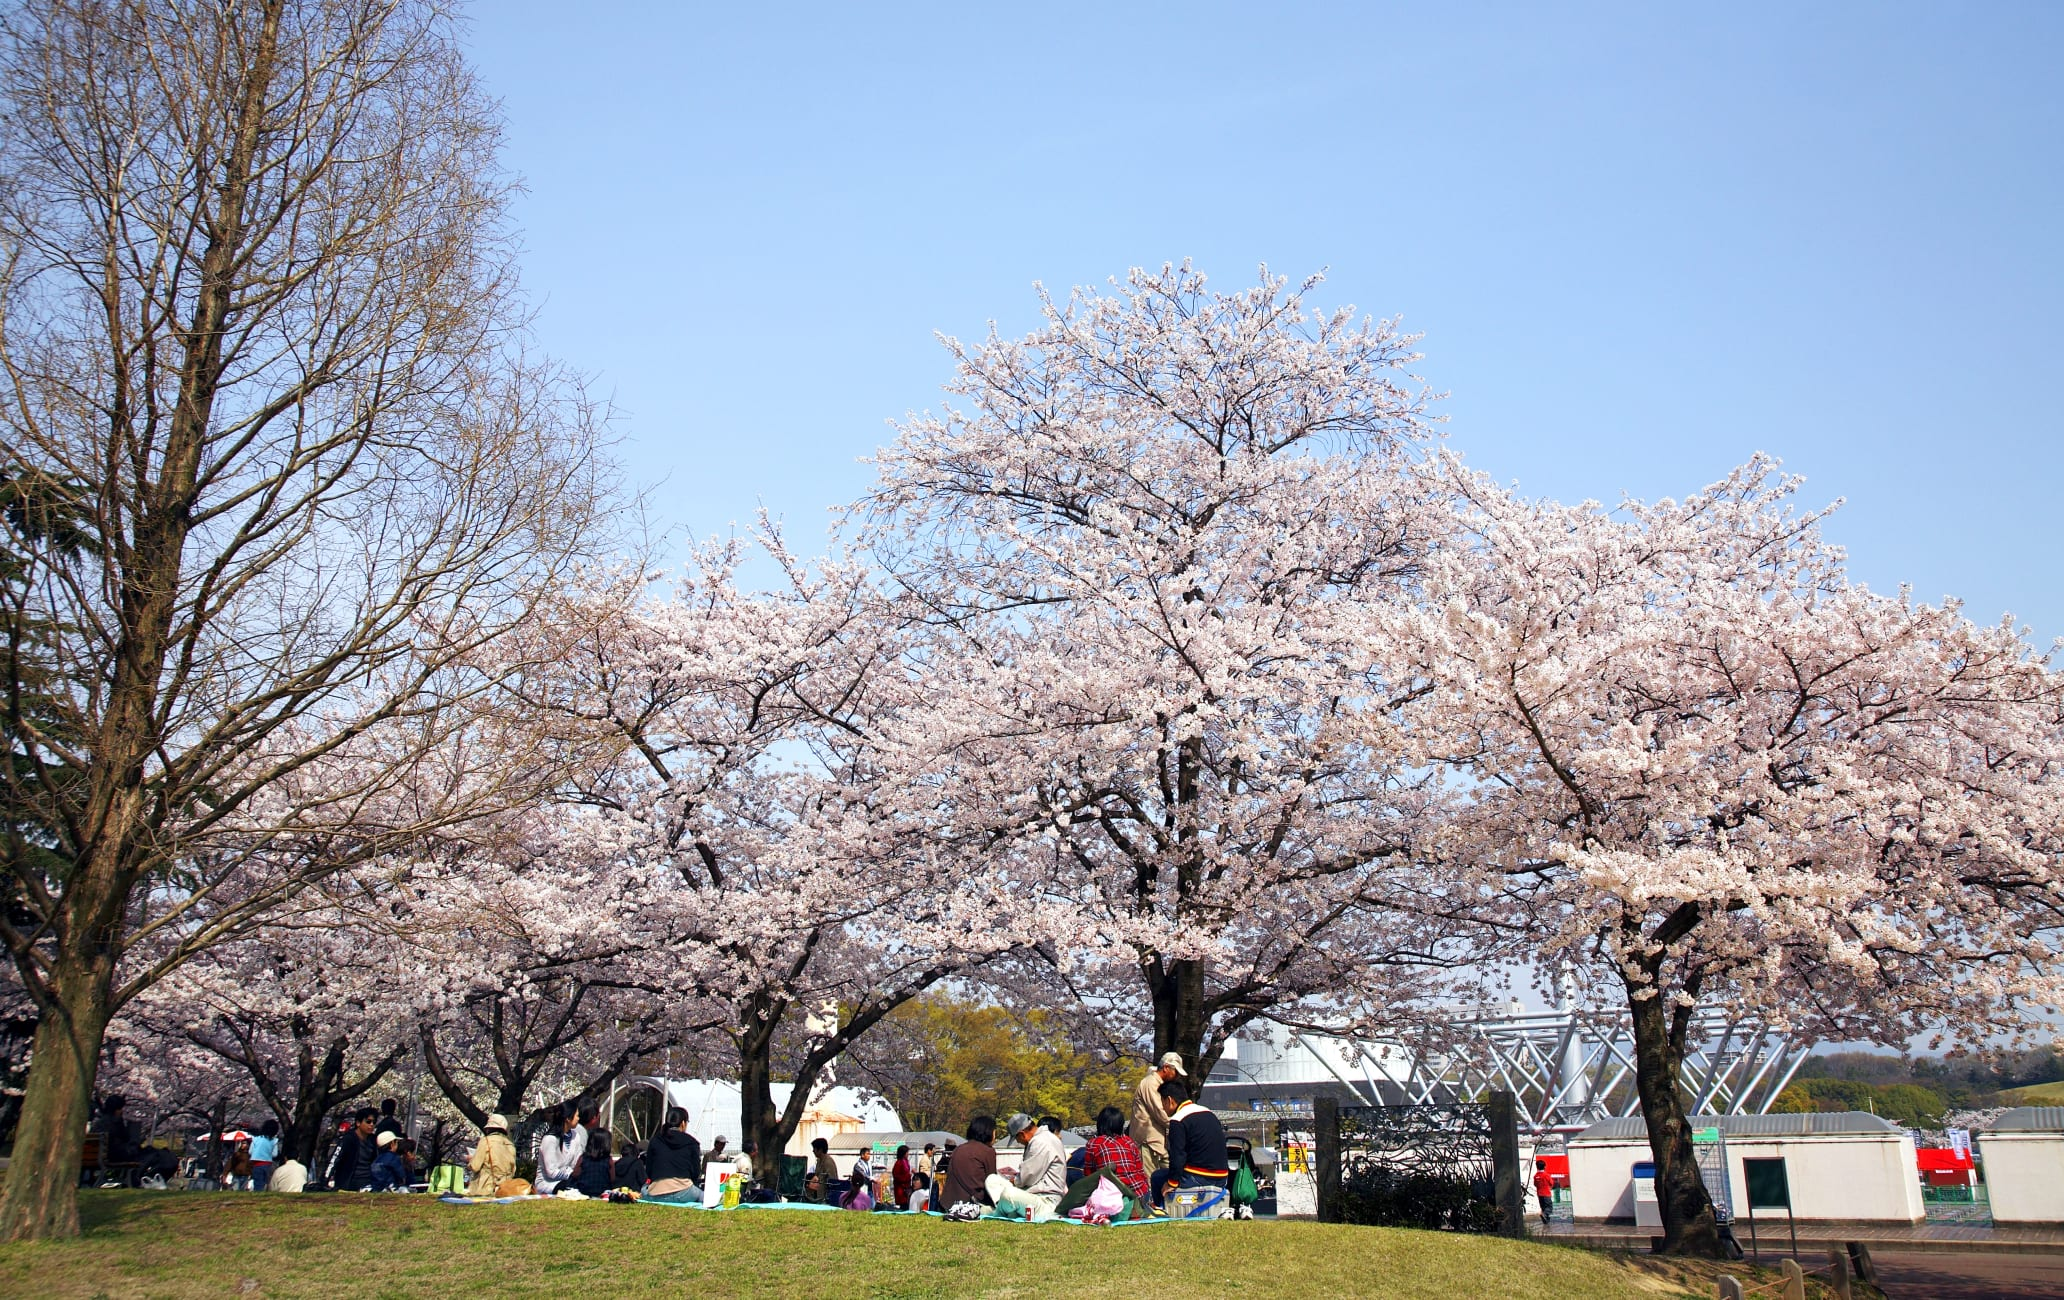 Expo Memorial Park-cherry blossom